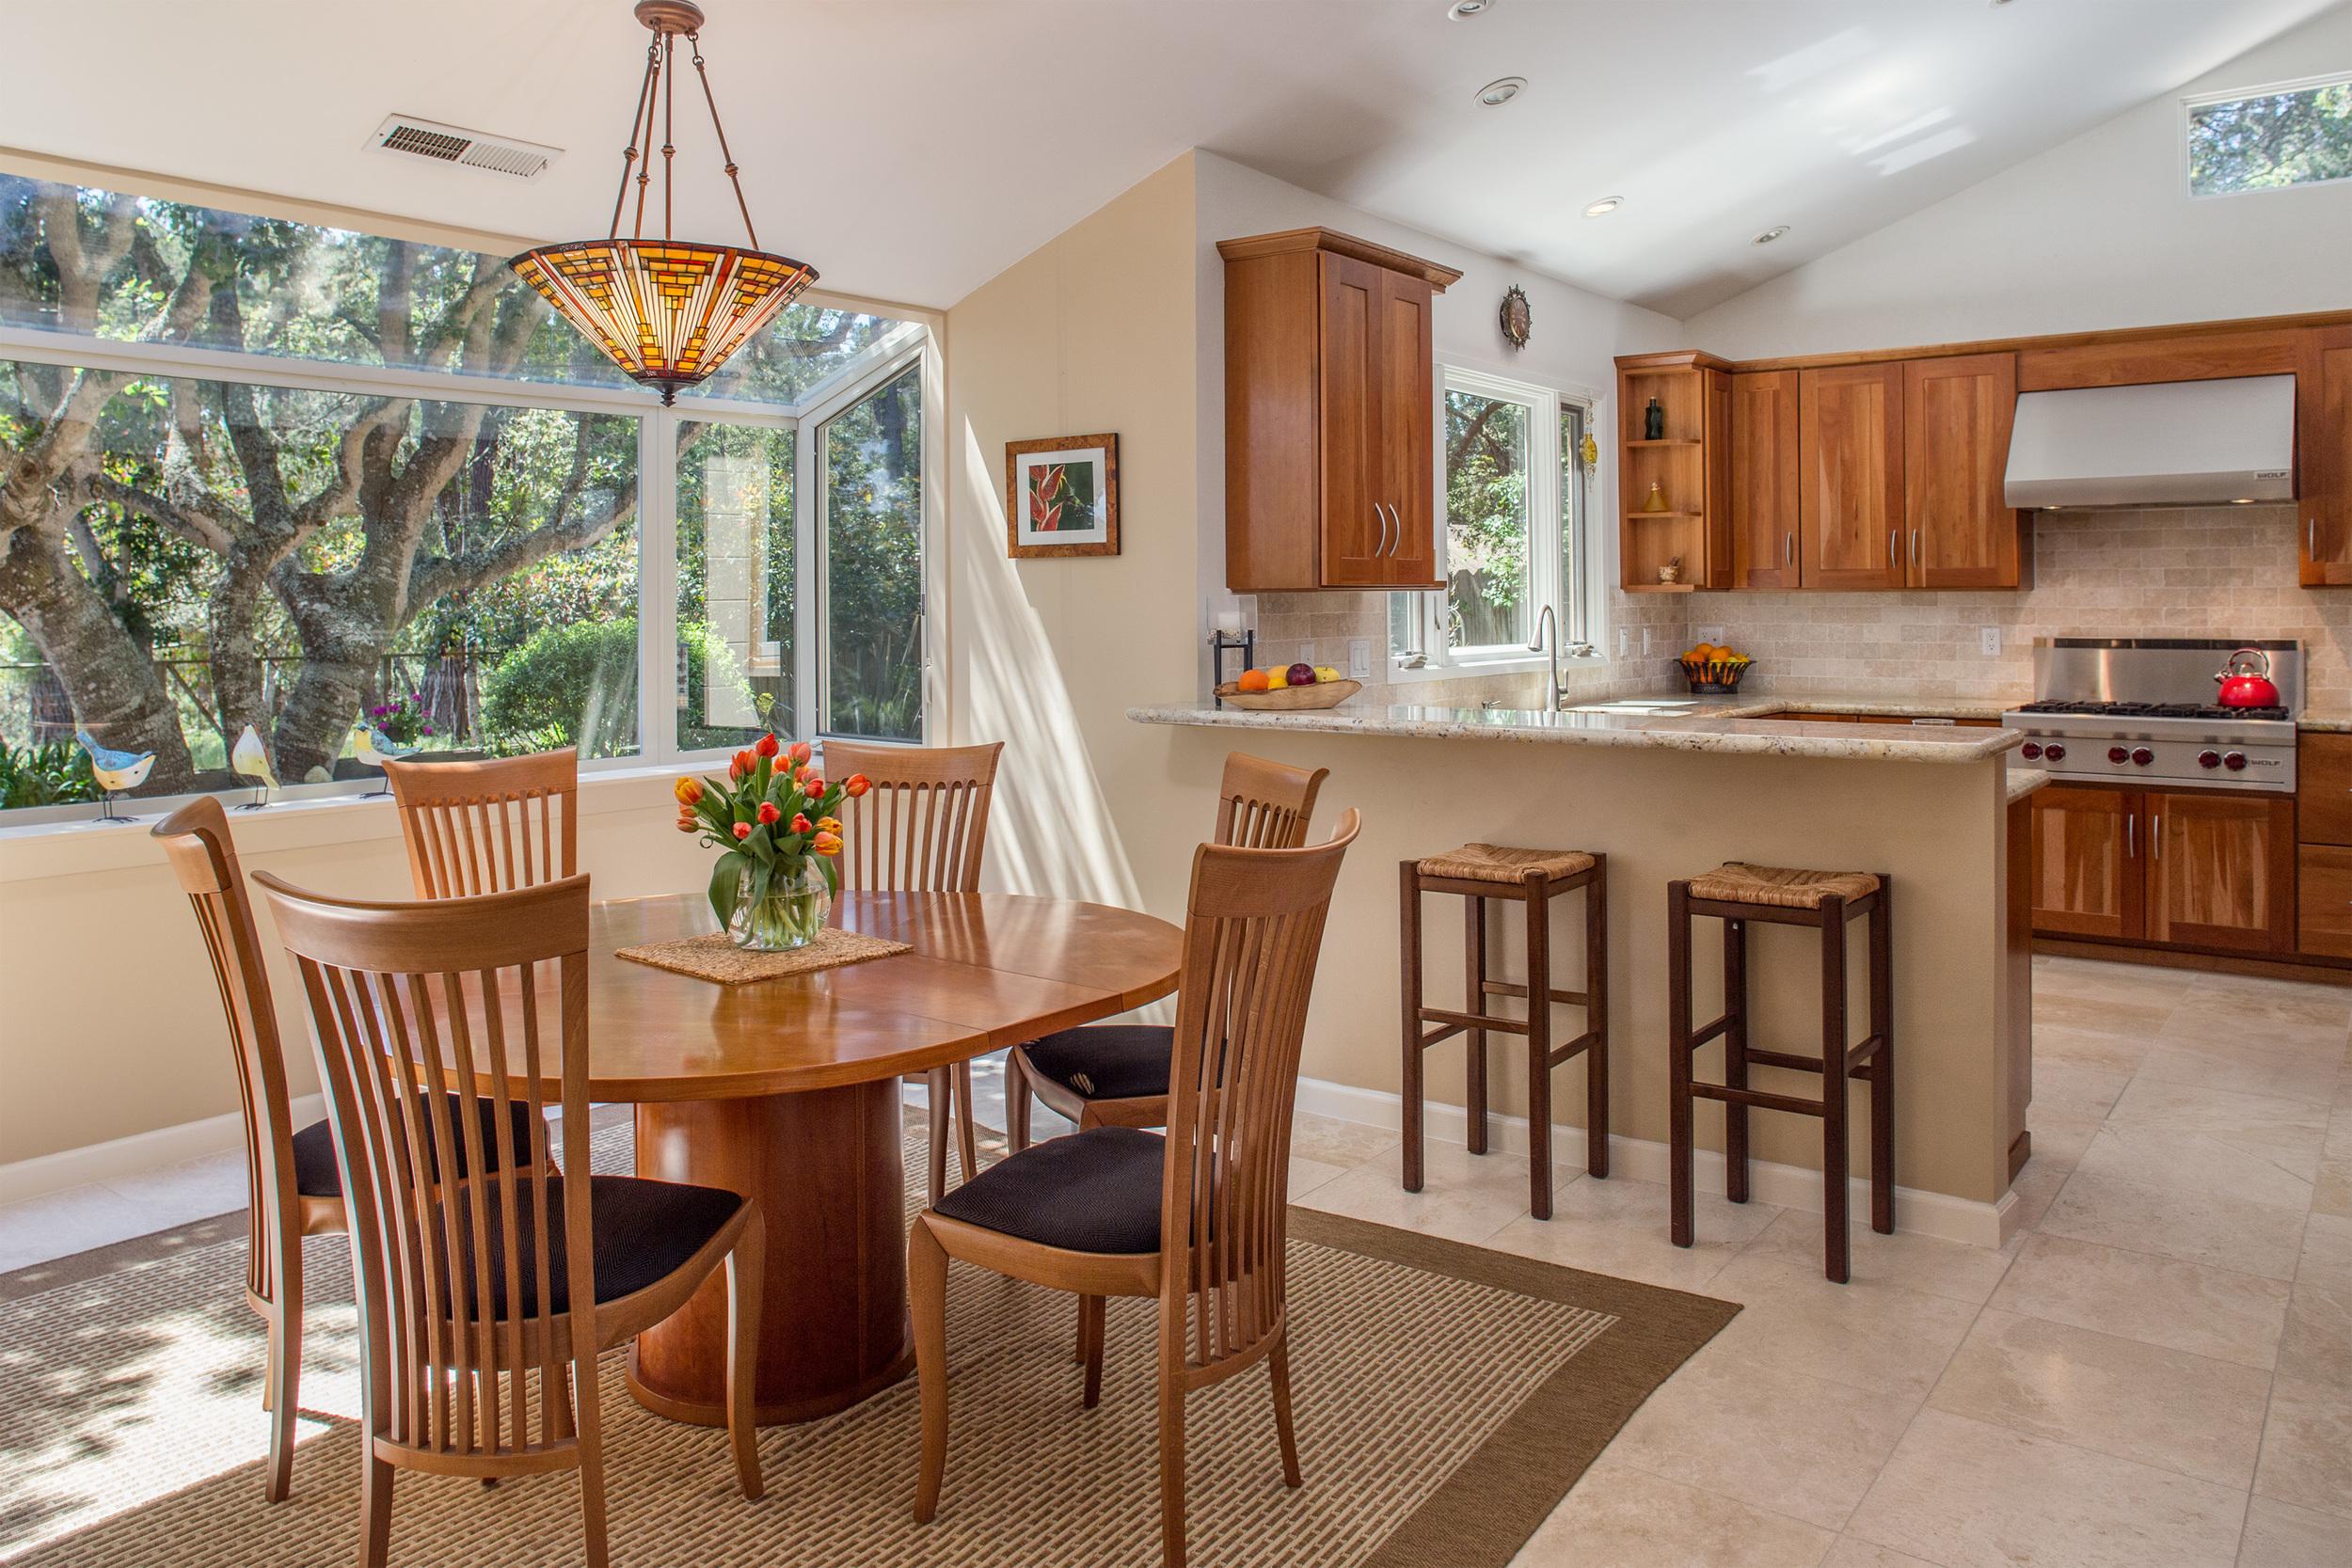 8 dining kitchen 1.jpg